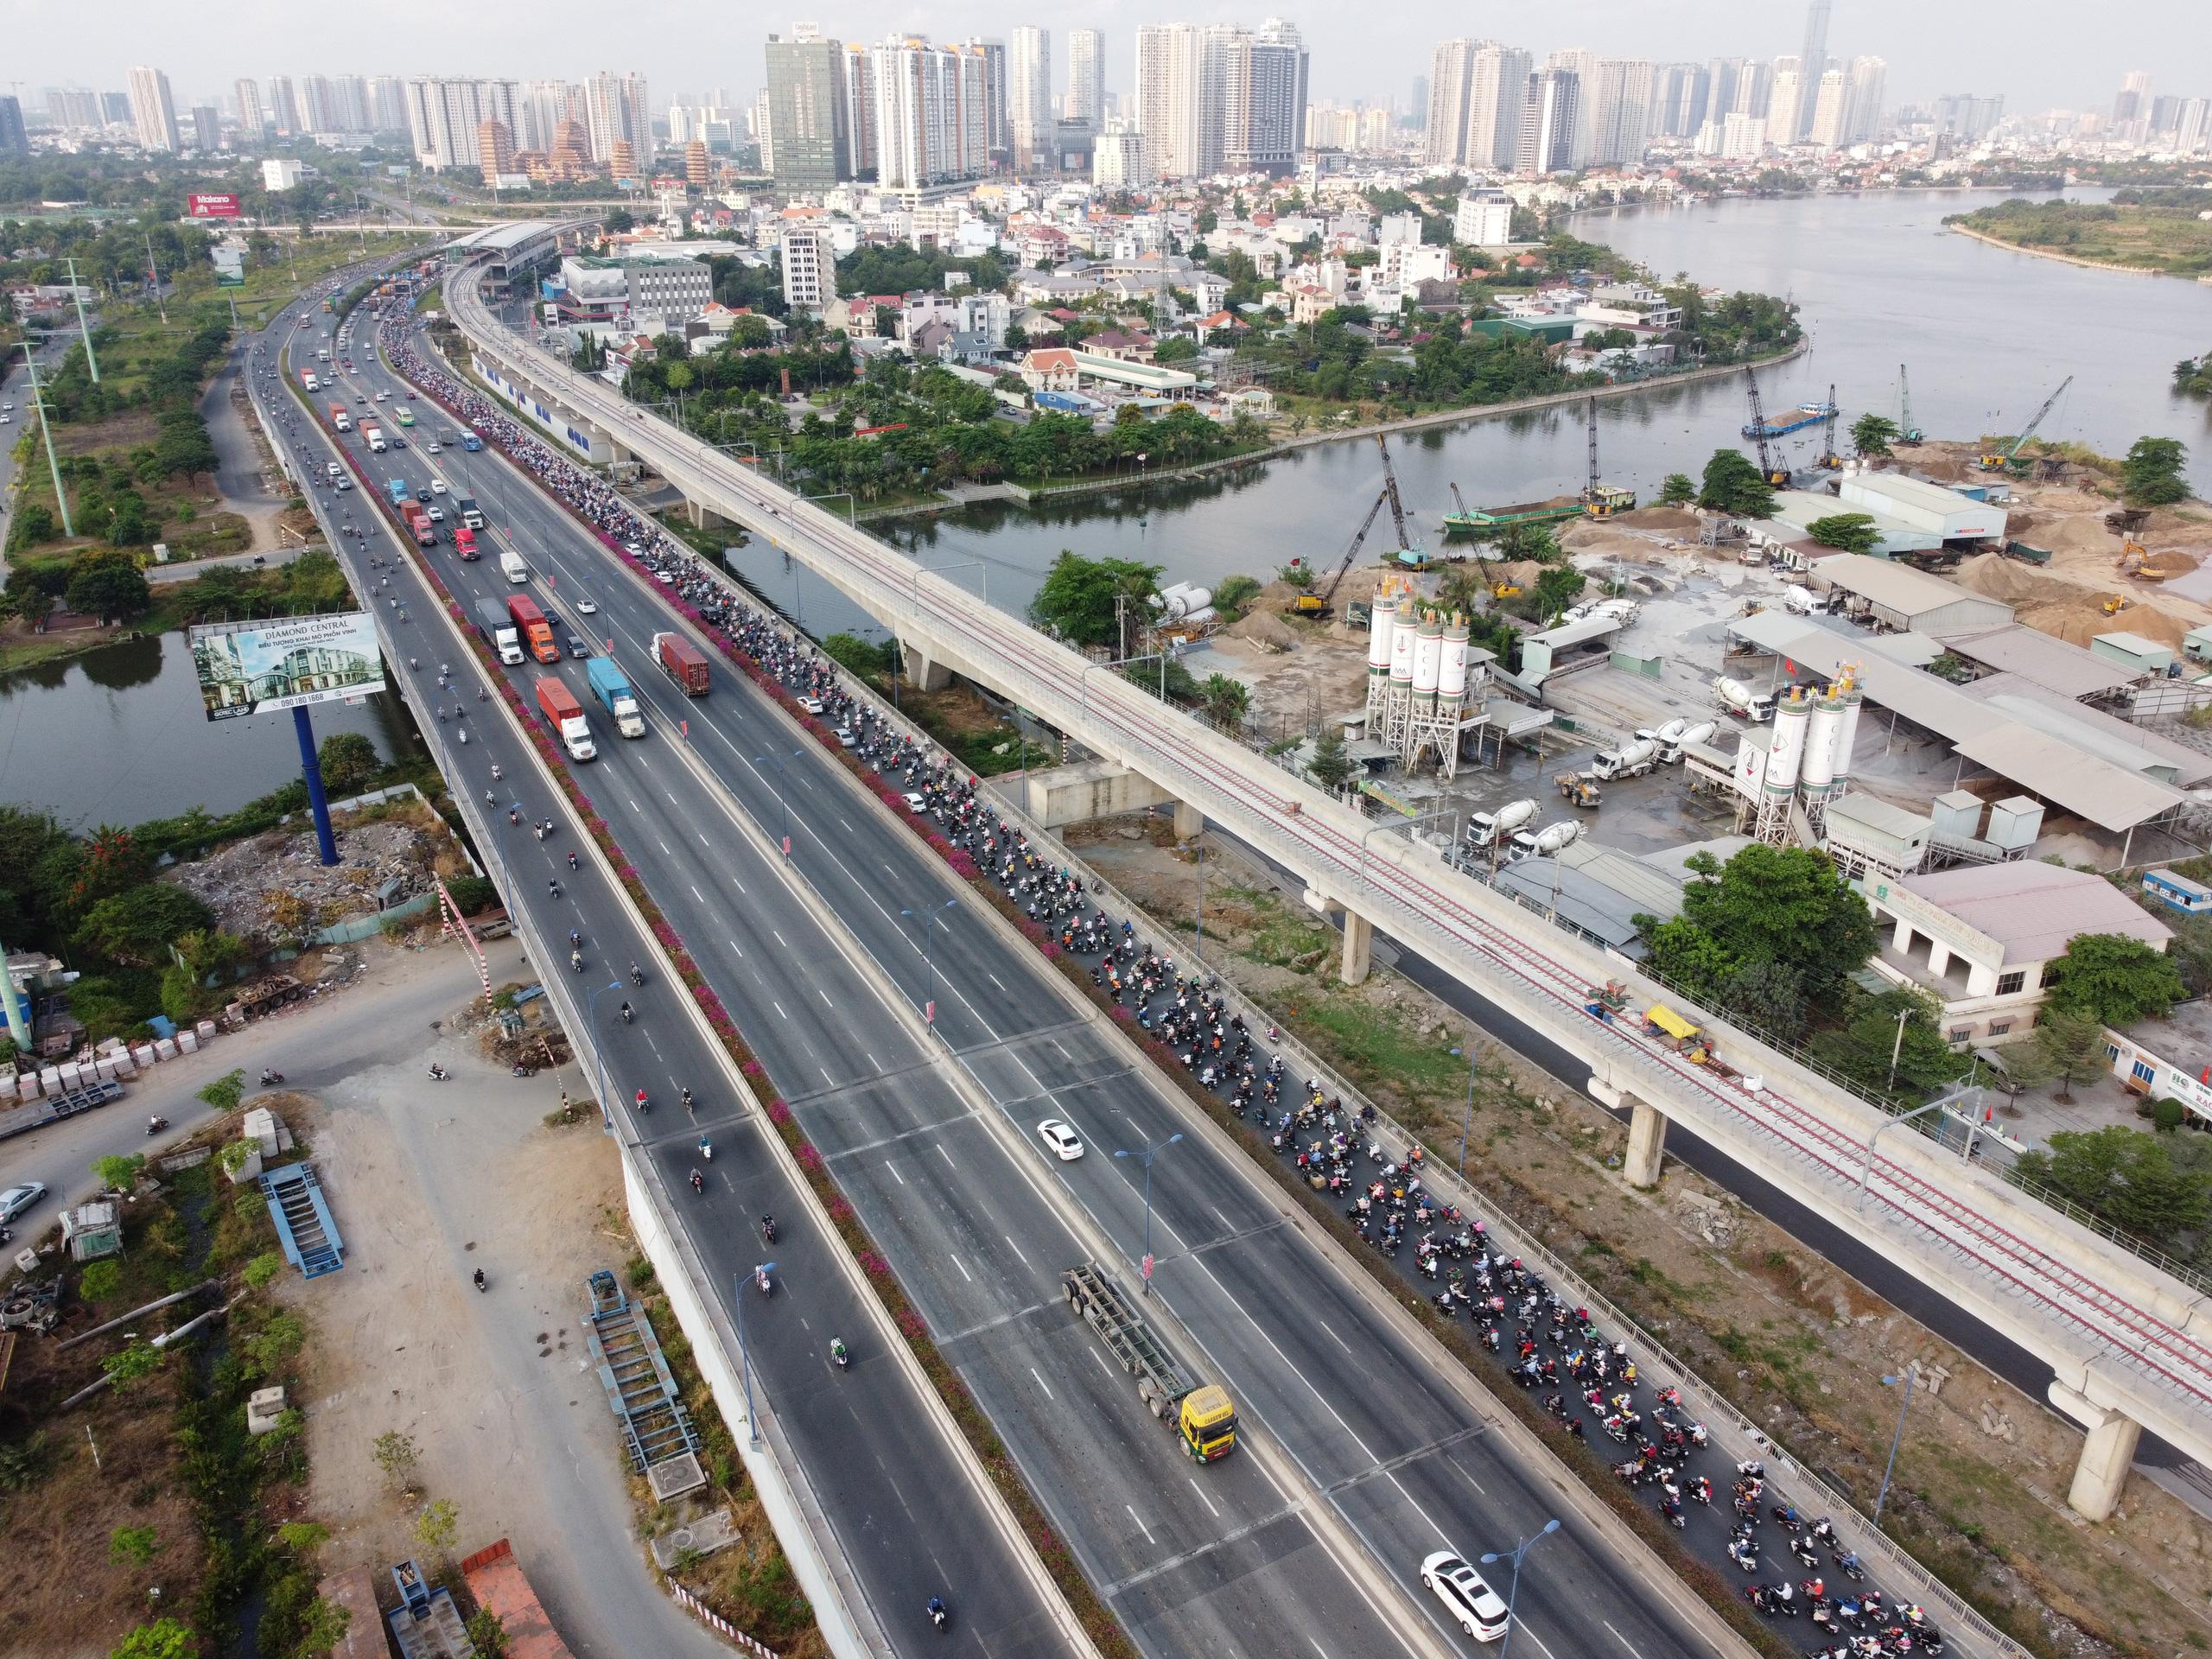 Cận cảnh tuyến đường sắt metro Bến Thành - Suối Tiên trước ngày đón đoàn tàu số 2 và 3 - Ảnh 7.